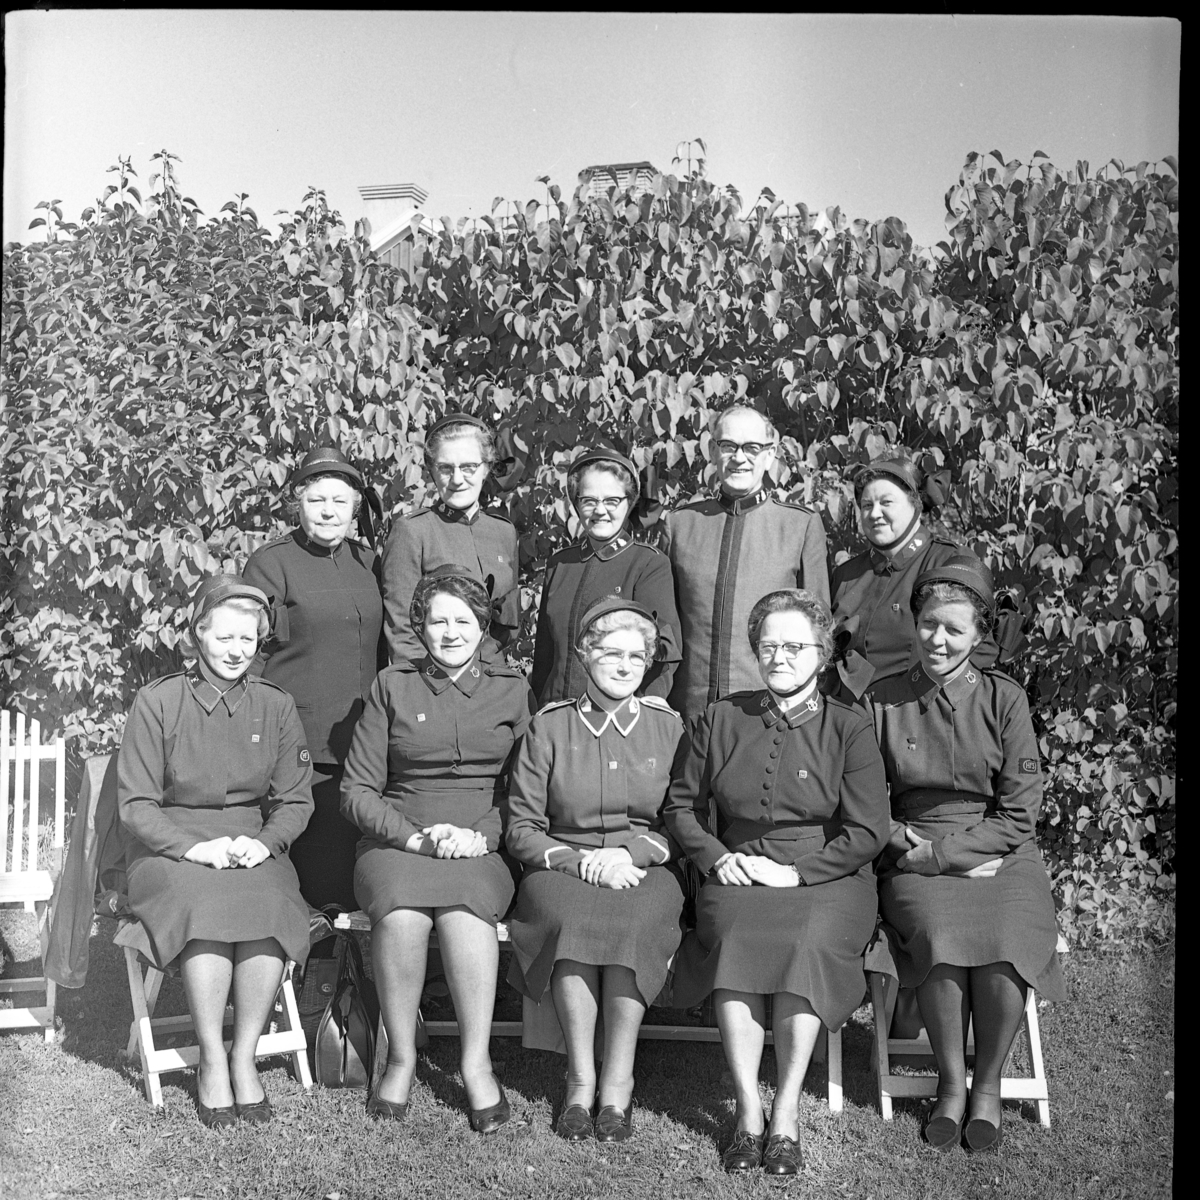 En grupp okända frälsningssoldater, varav en manlig. Sittande och stående för gruppbild.